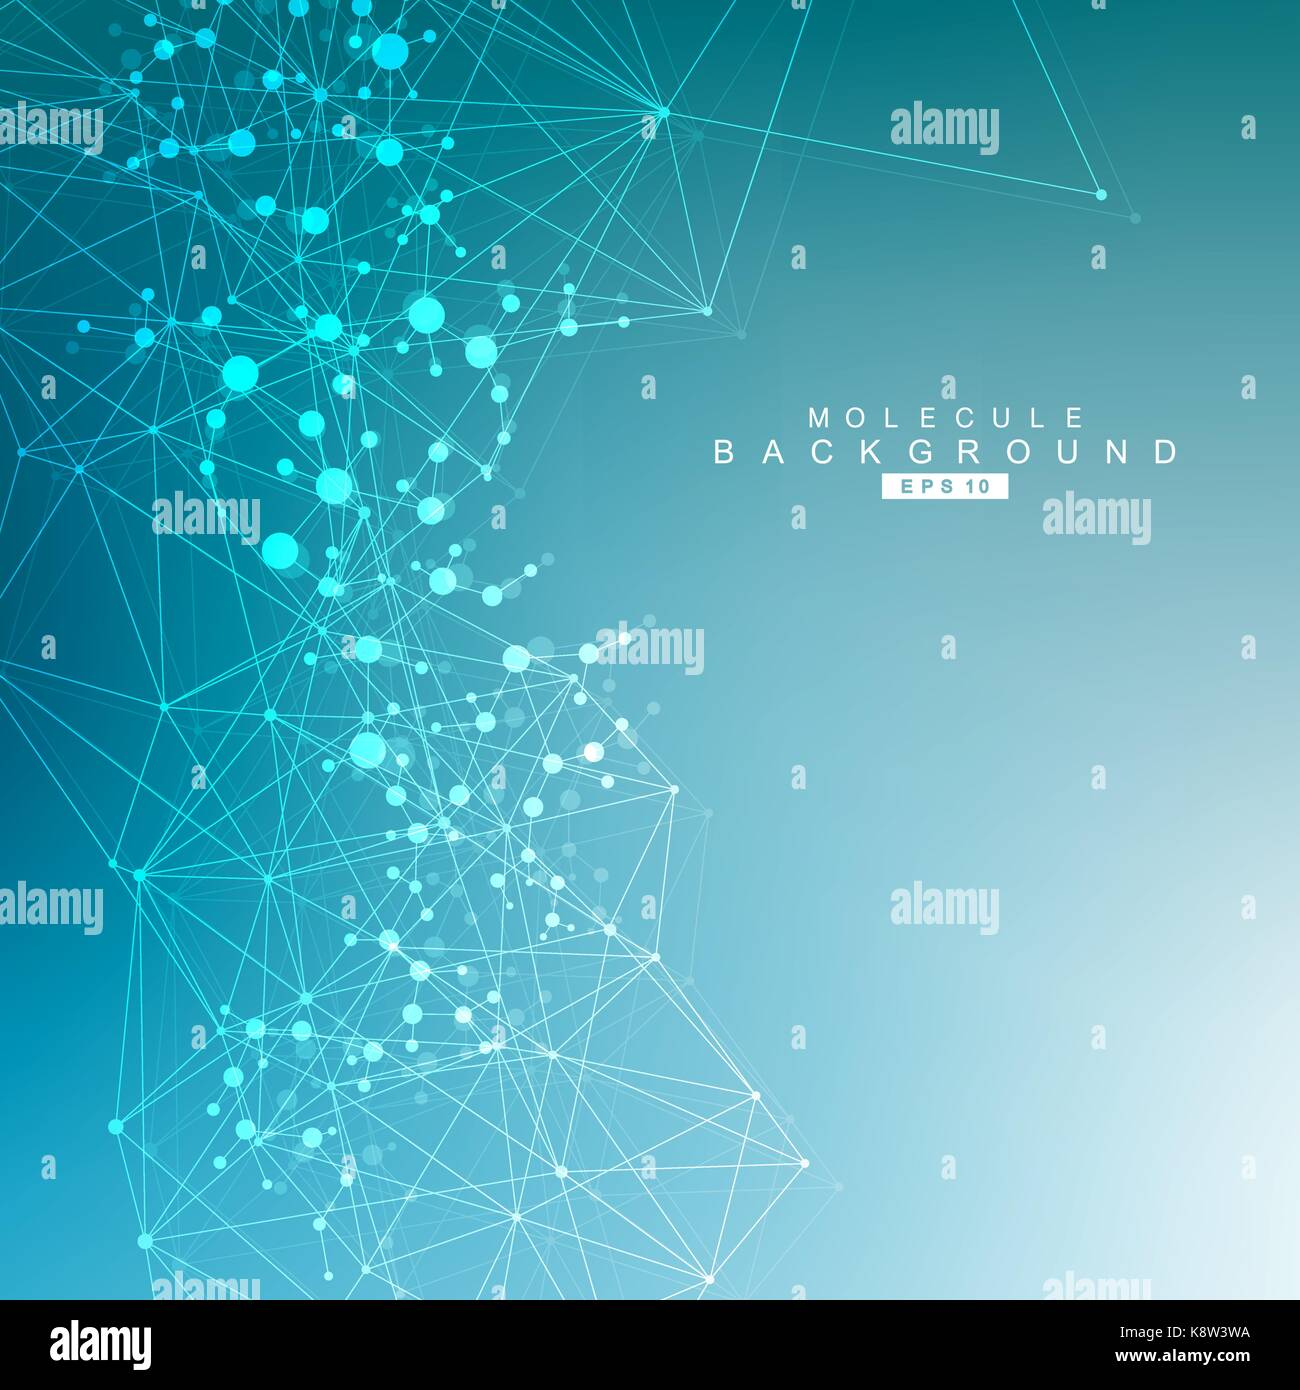 Estructura Molecular y comunicación. ADN, atom, neuronas. concepto científico para su diseño. líneas Imagen De Stock